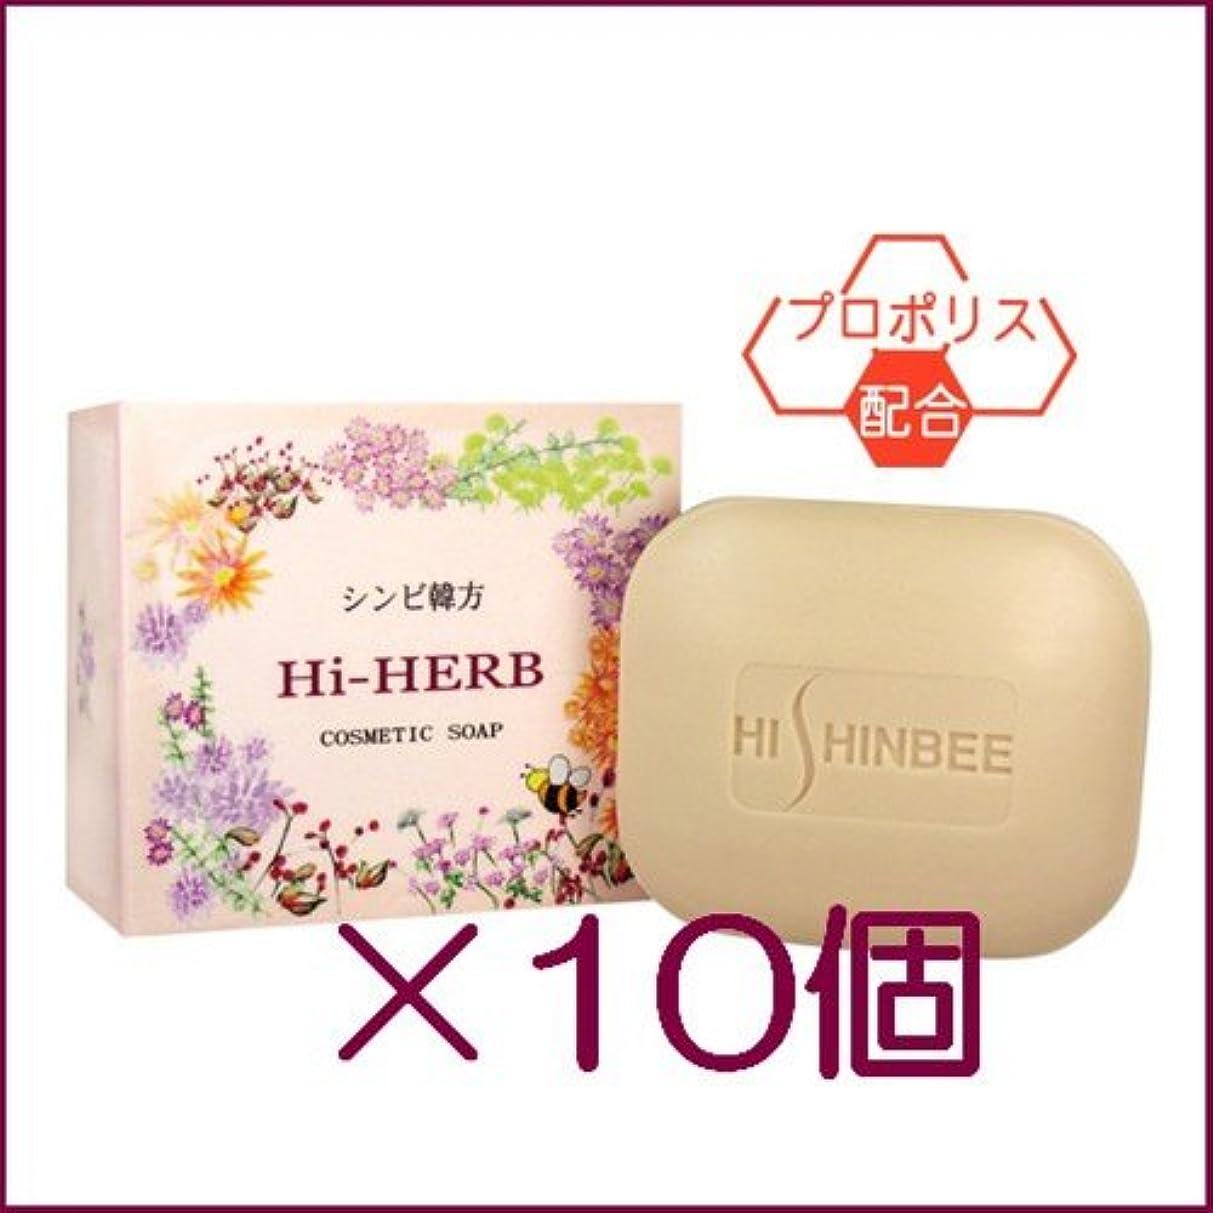 うめきカカドゥ薬を飲むシンビ 韓方ハイハーブ石鹸 100g ×10個